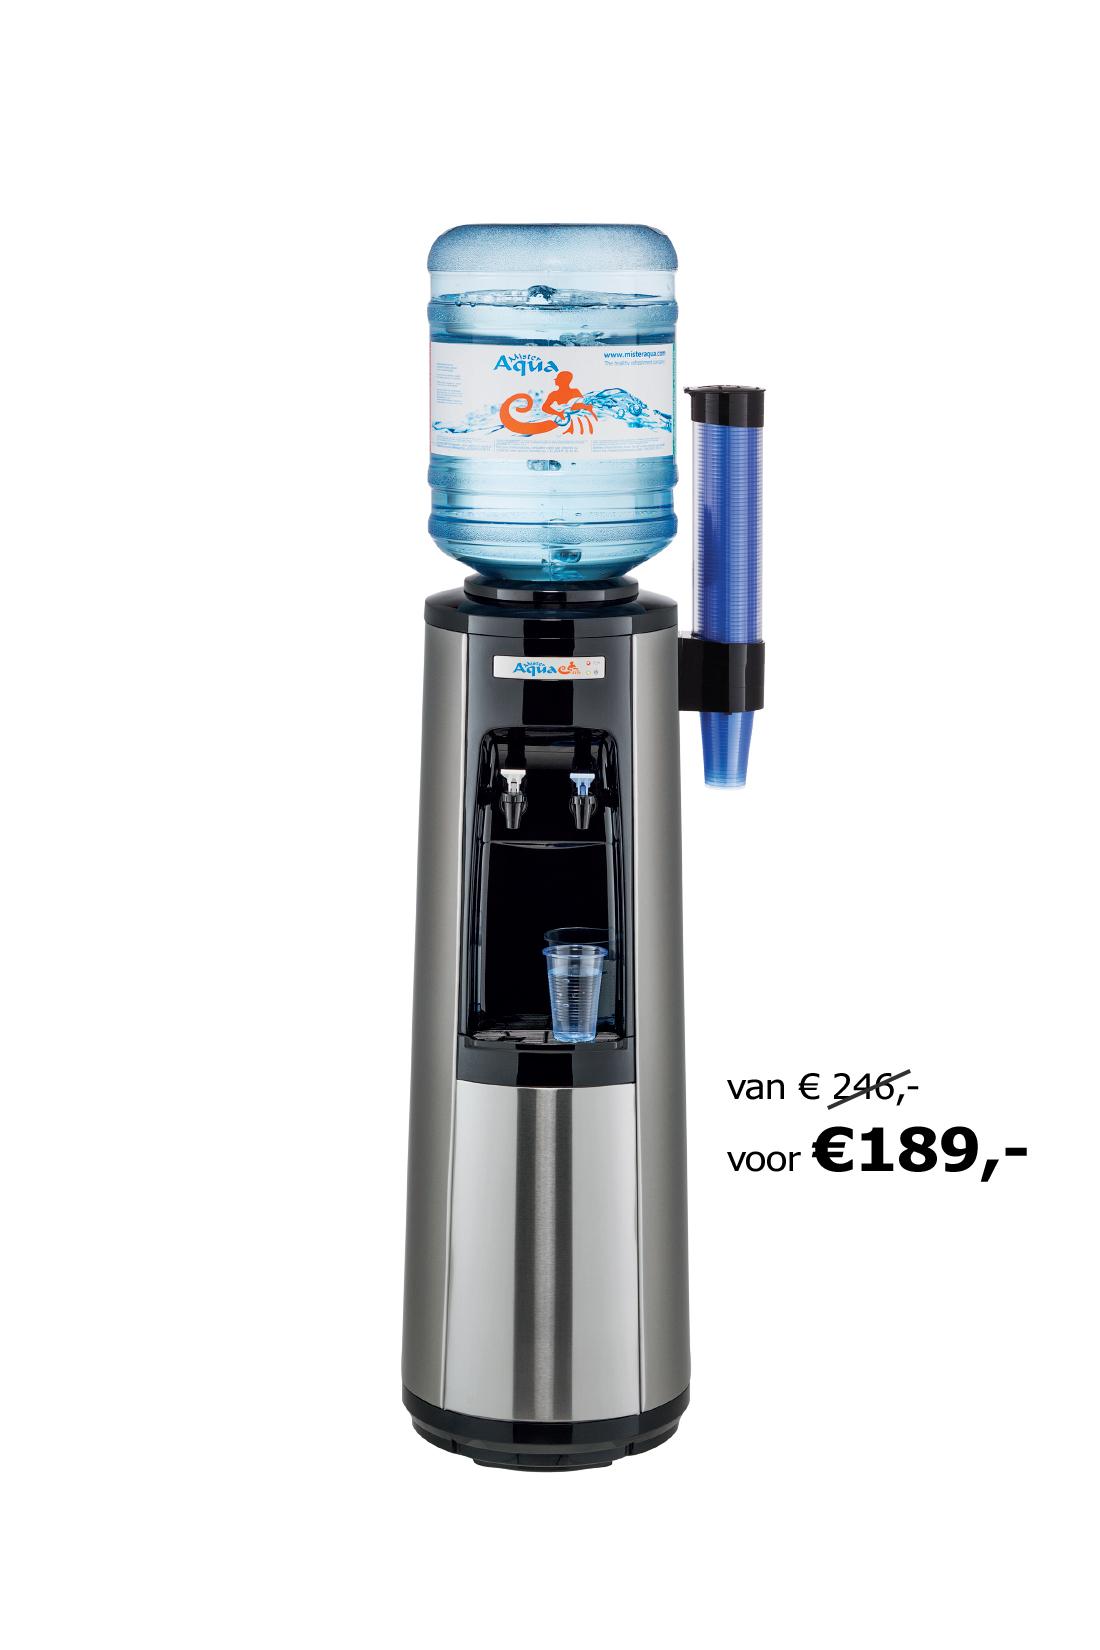 Ocean-flessenwaterkoeler